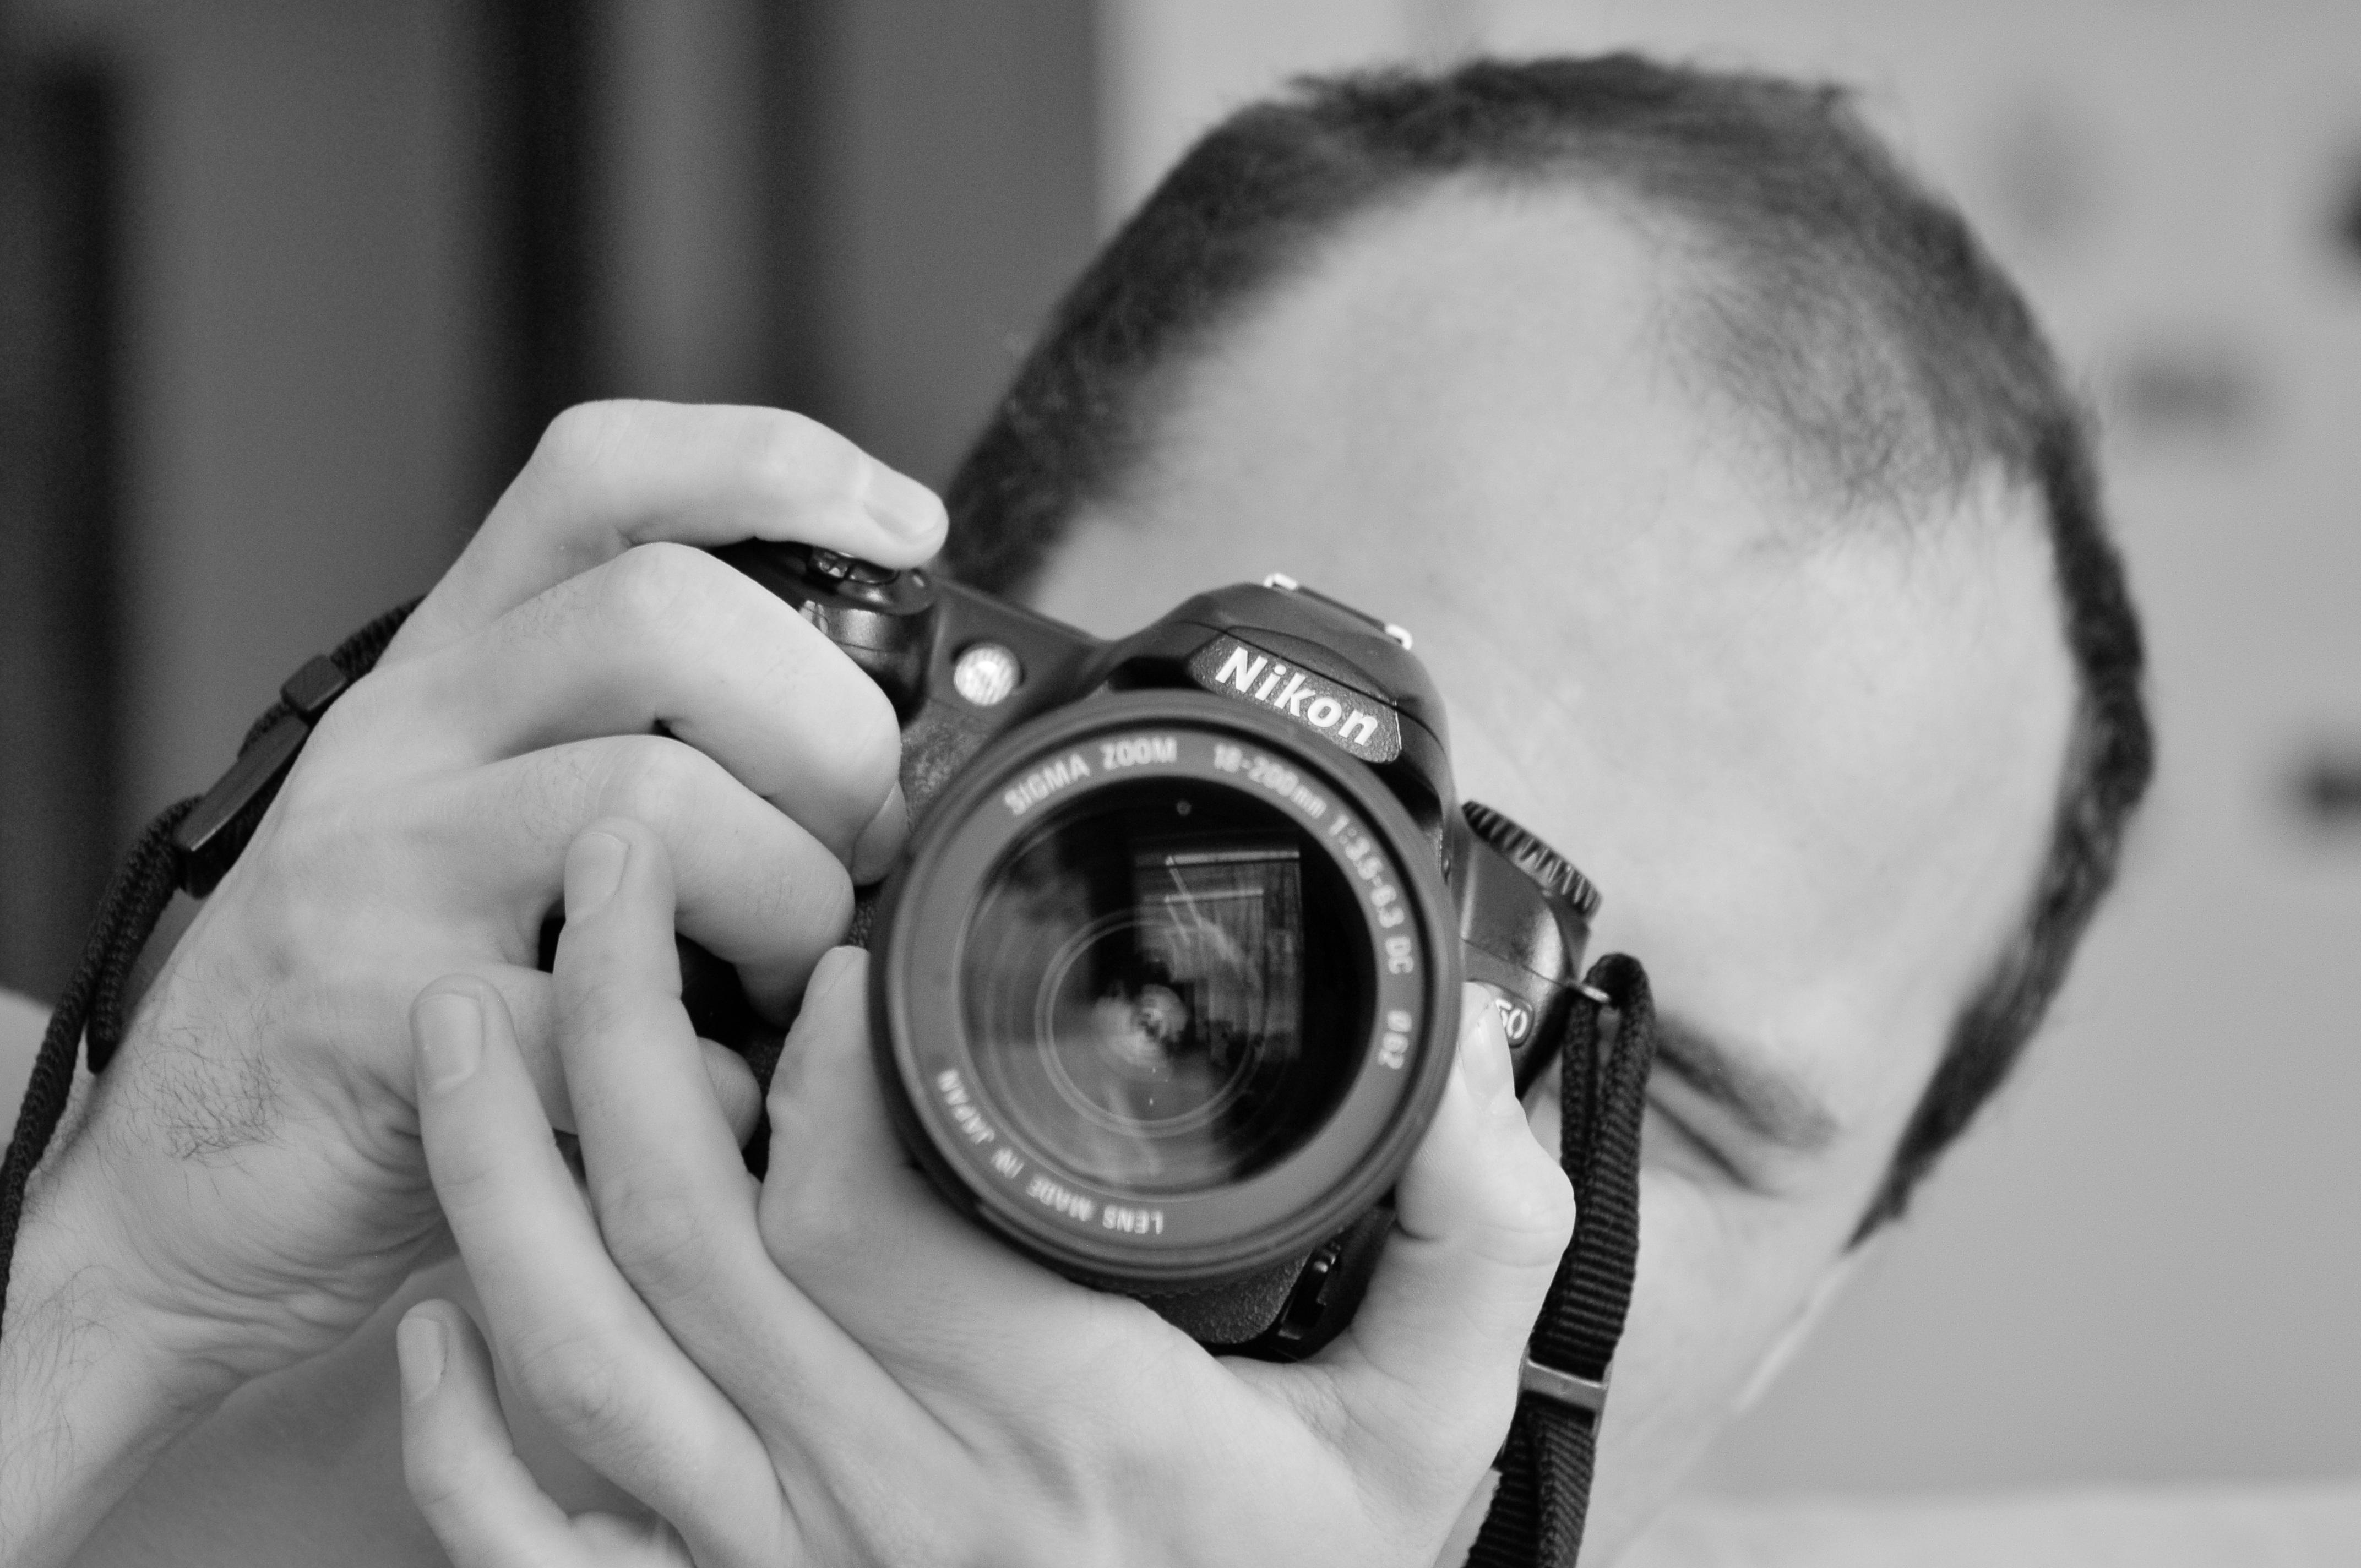 это первая фотосессия для фотографа что знать сборной беларуси